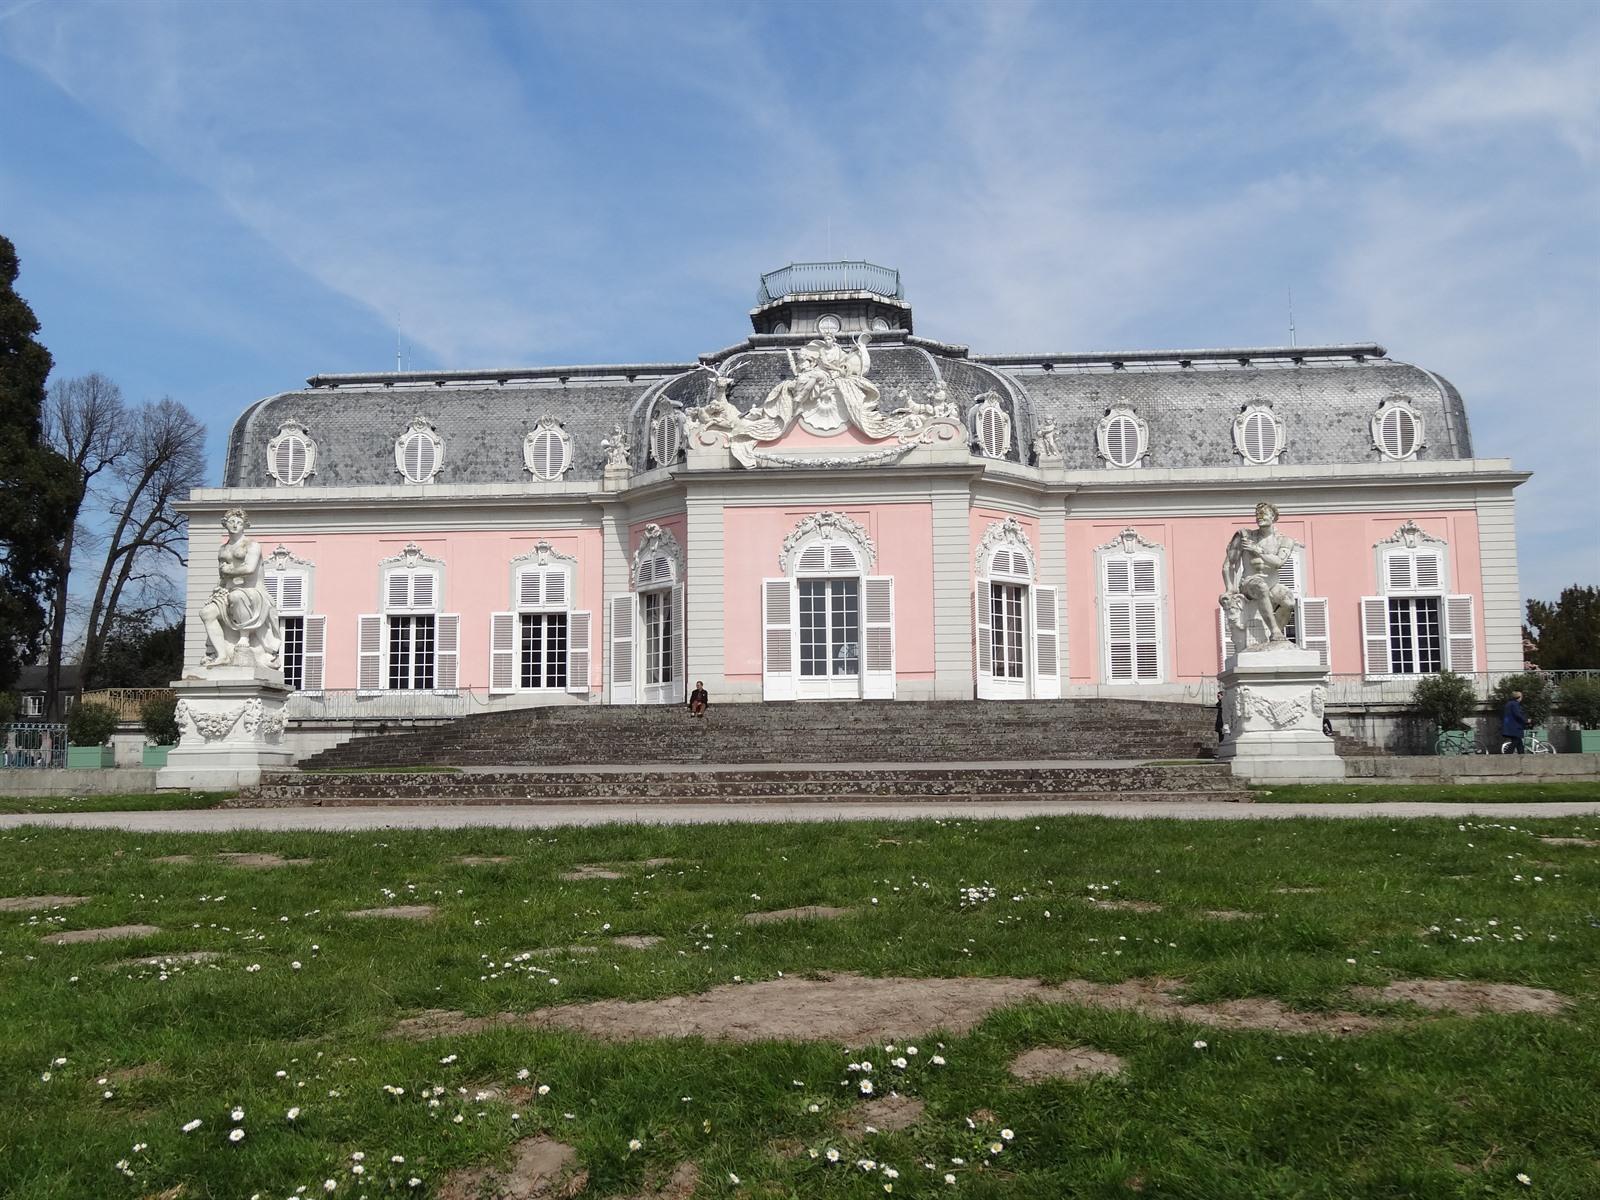 Bezoek Schloss Benrath Tijdens Je Citytrip D Sseldorf